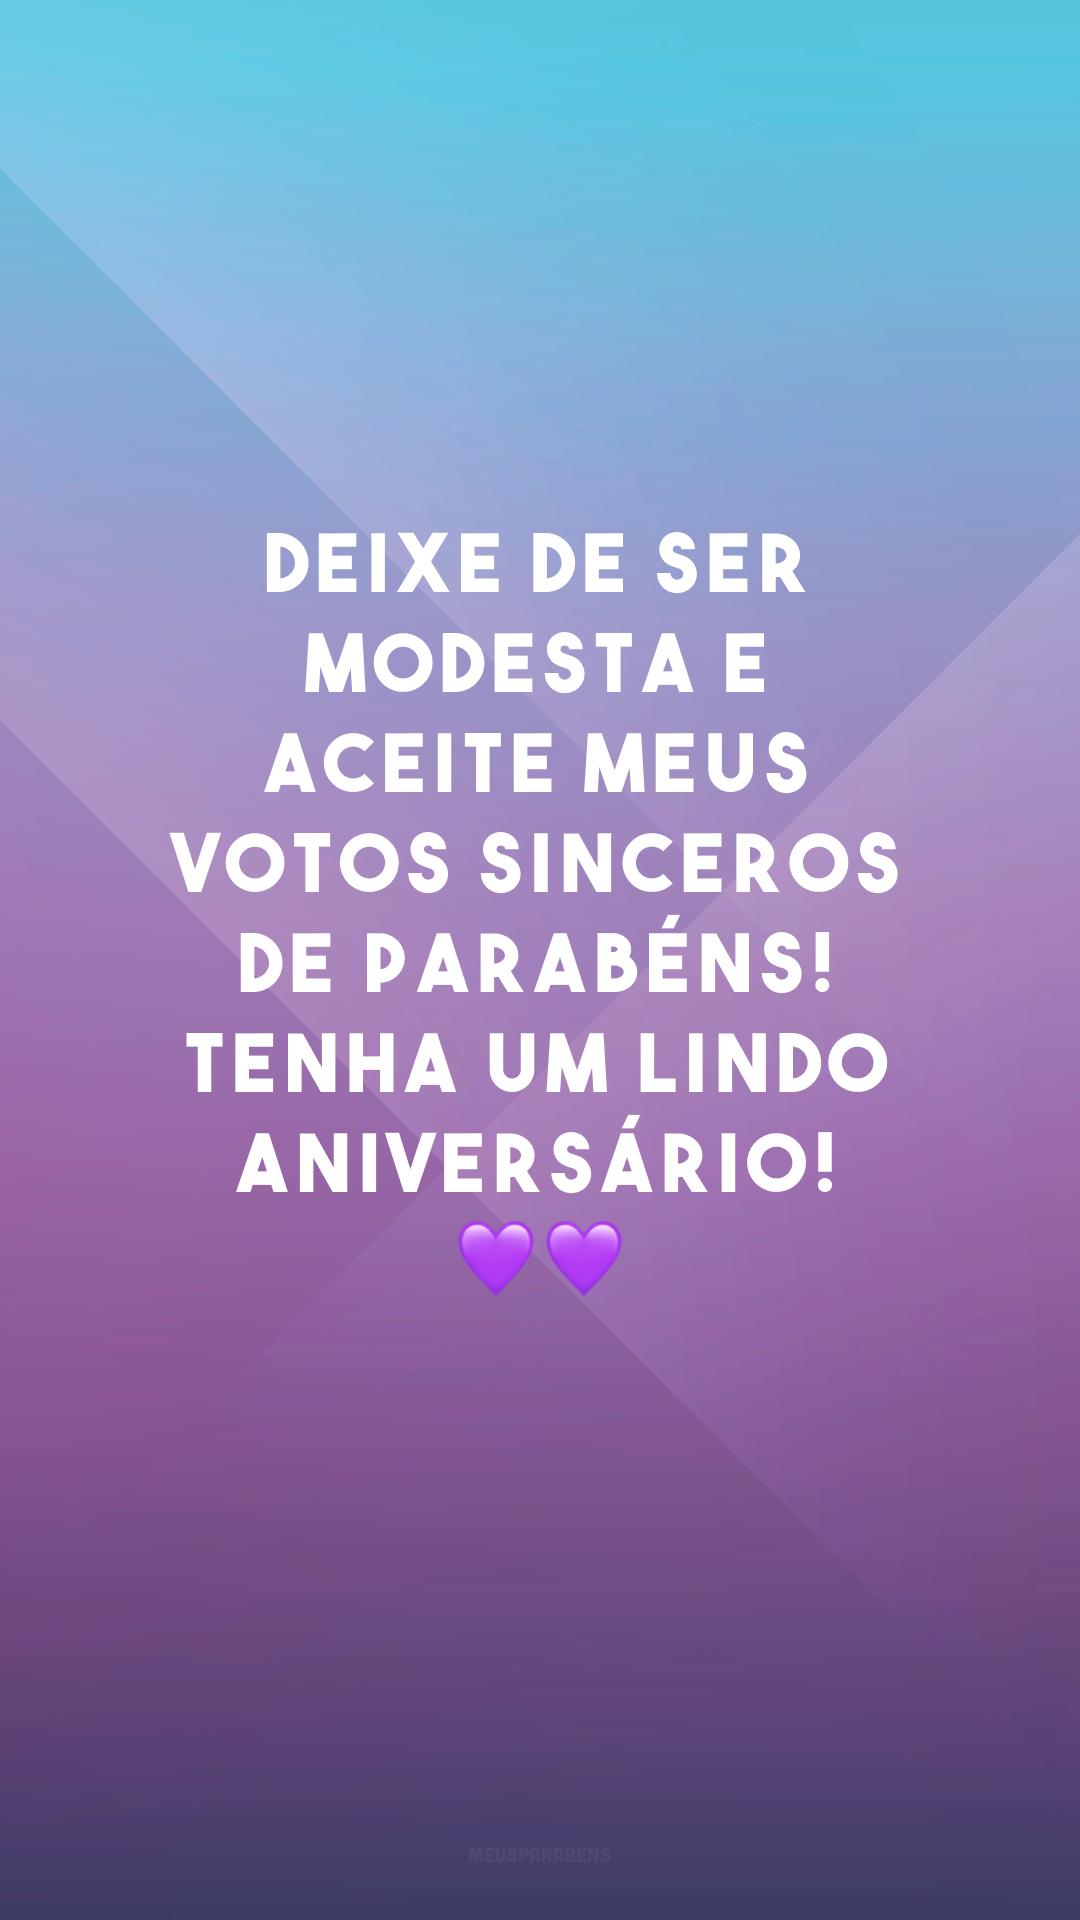 Deixe de ser modesta e aceite meus votos sinceros de parabéns! Tenha um lindo aniversário! 💜💜